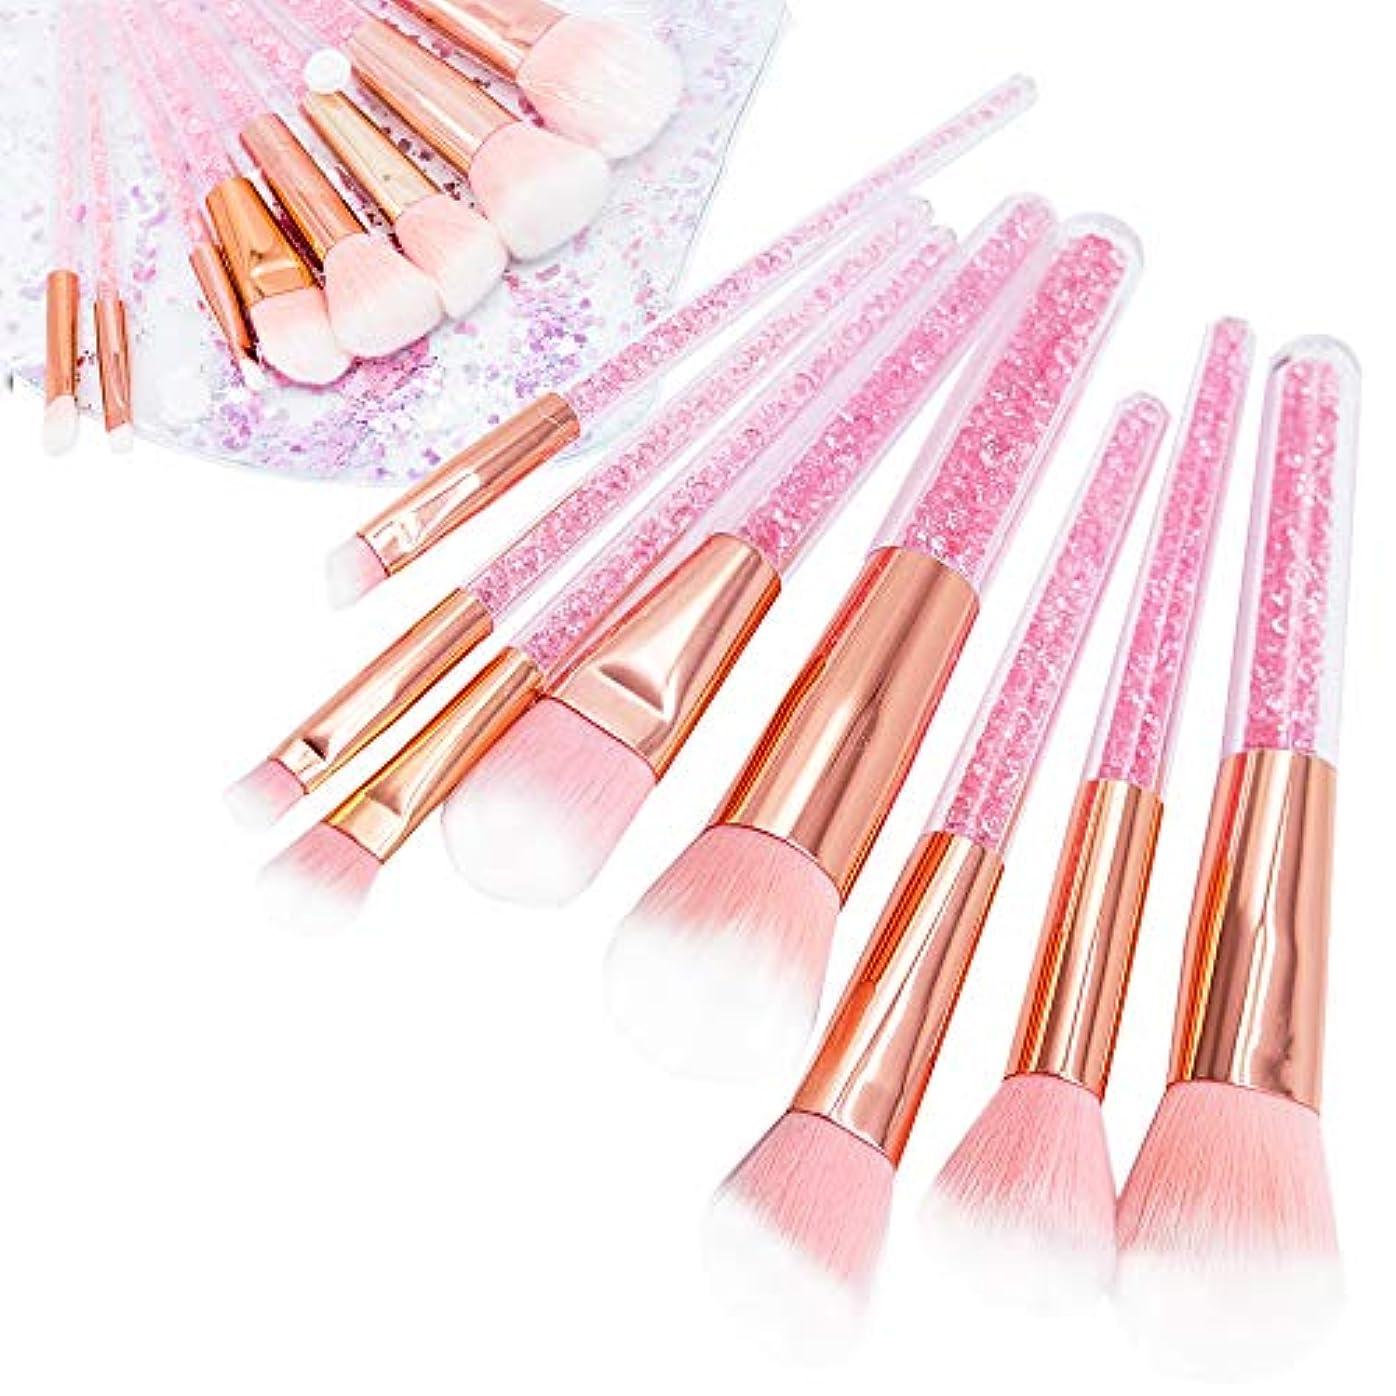 ボルトフィヨルド準備Urban frontier メイクブラシ 化粧筆 可愛いピンク 8本セット 化粧ポーチ付き 携帯便利 敏感肌適用